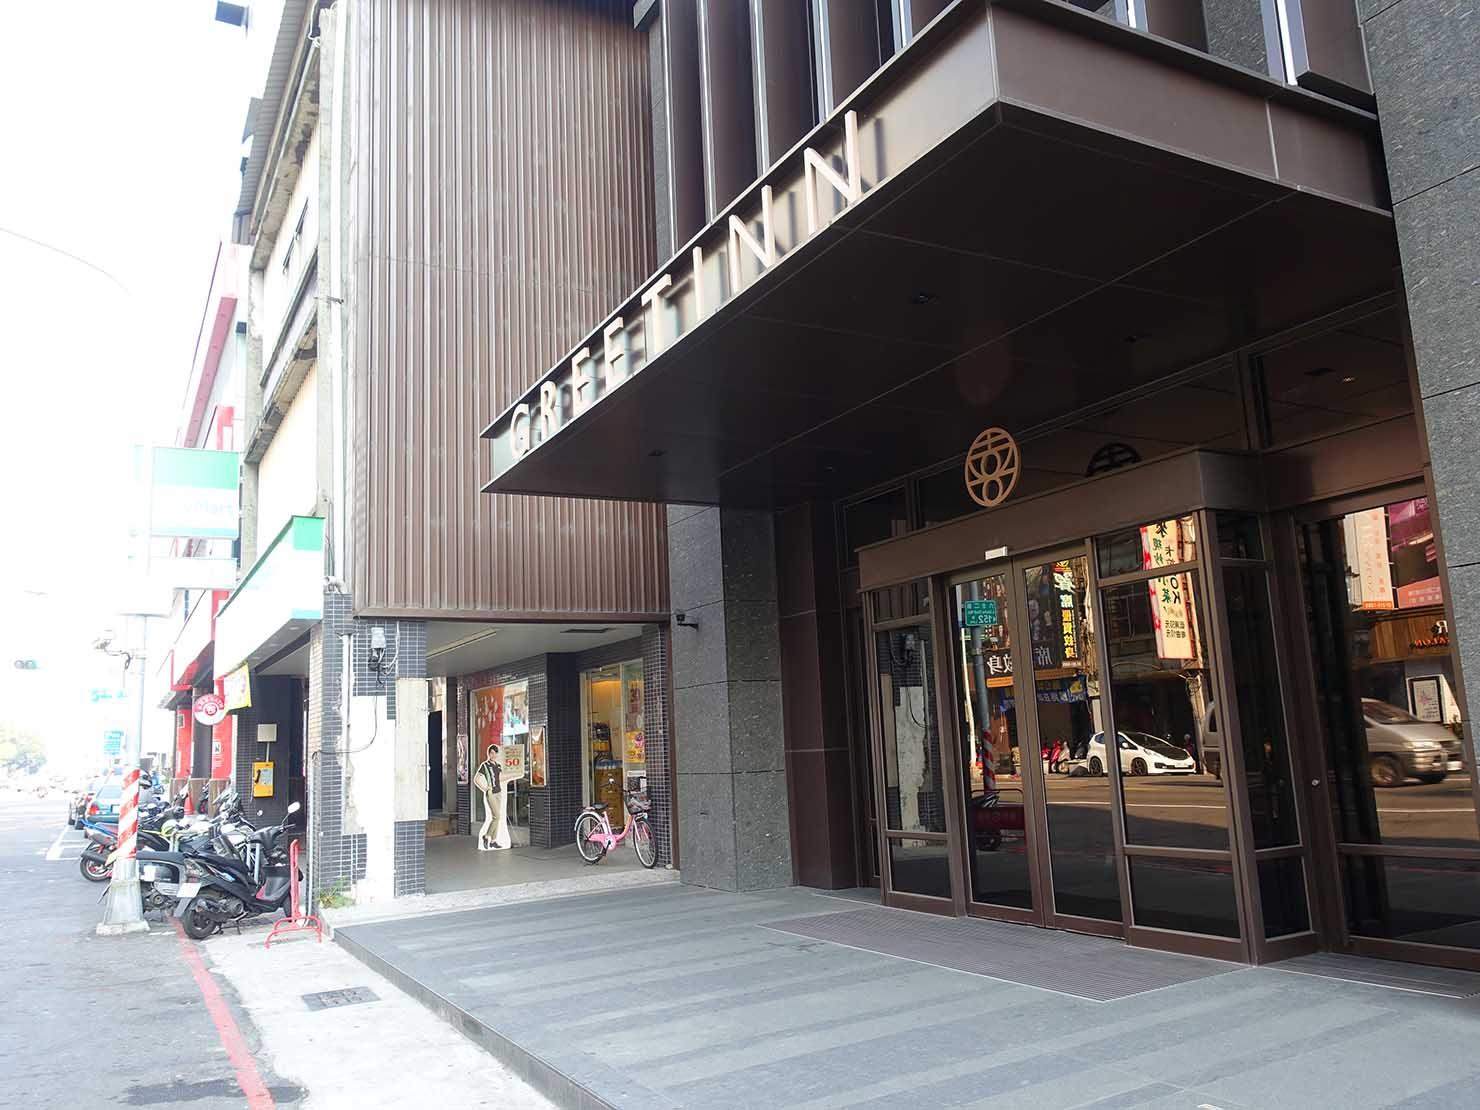 高雄市内観光におすすめのホテル「GREET INN 喜迎旅店」のエントランス